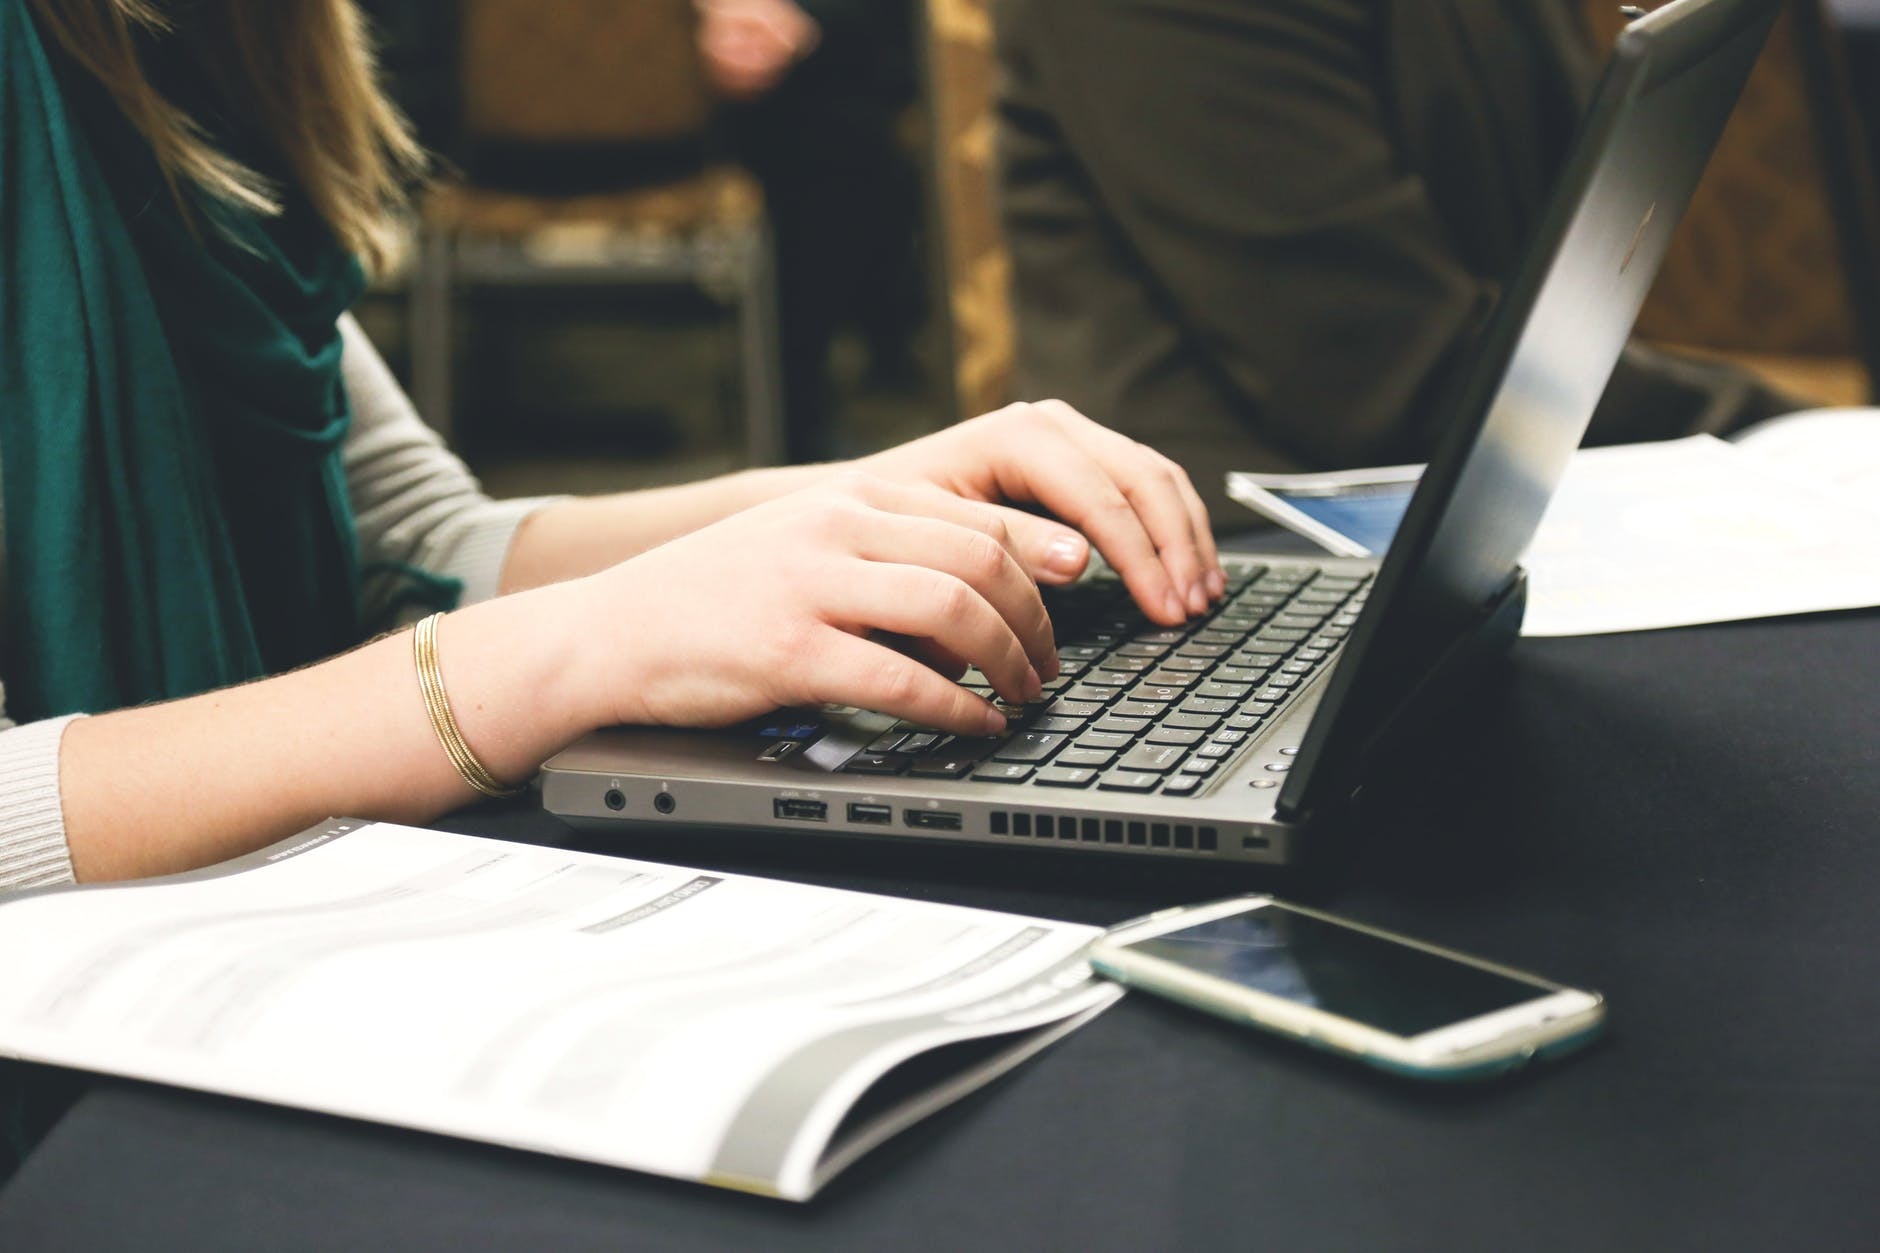 woman typing writing programming